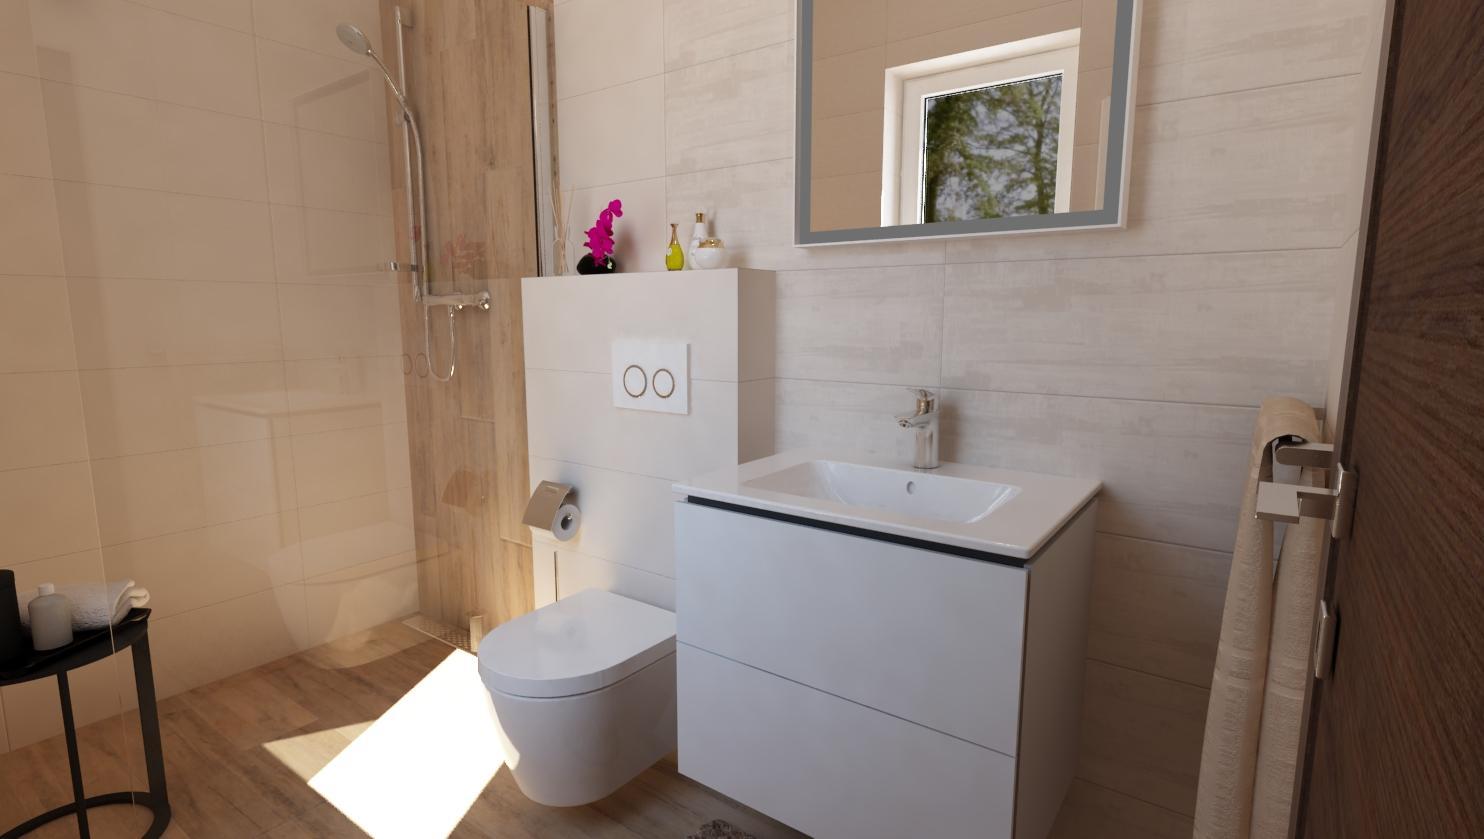 Návrhy a vizualizácie kúpeľní - Obrázok č. 66